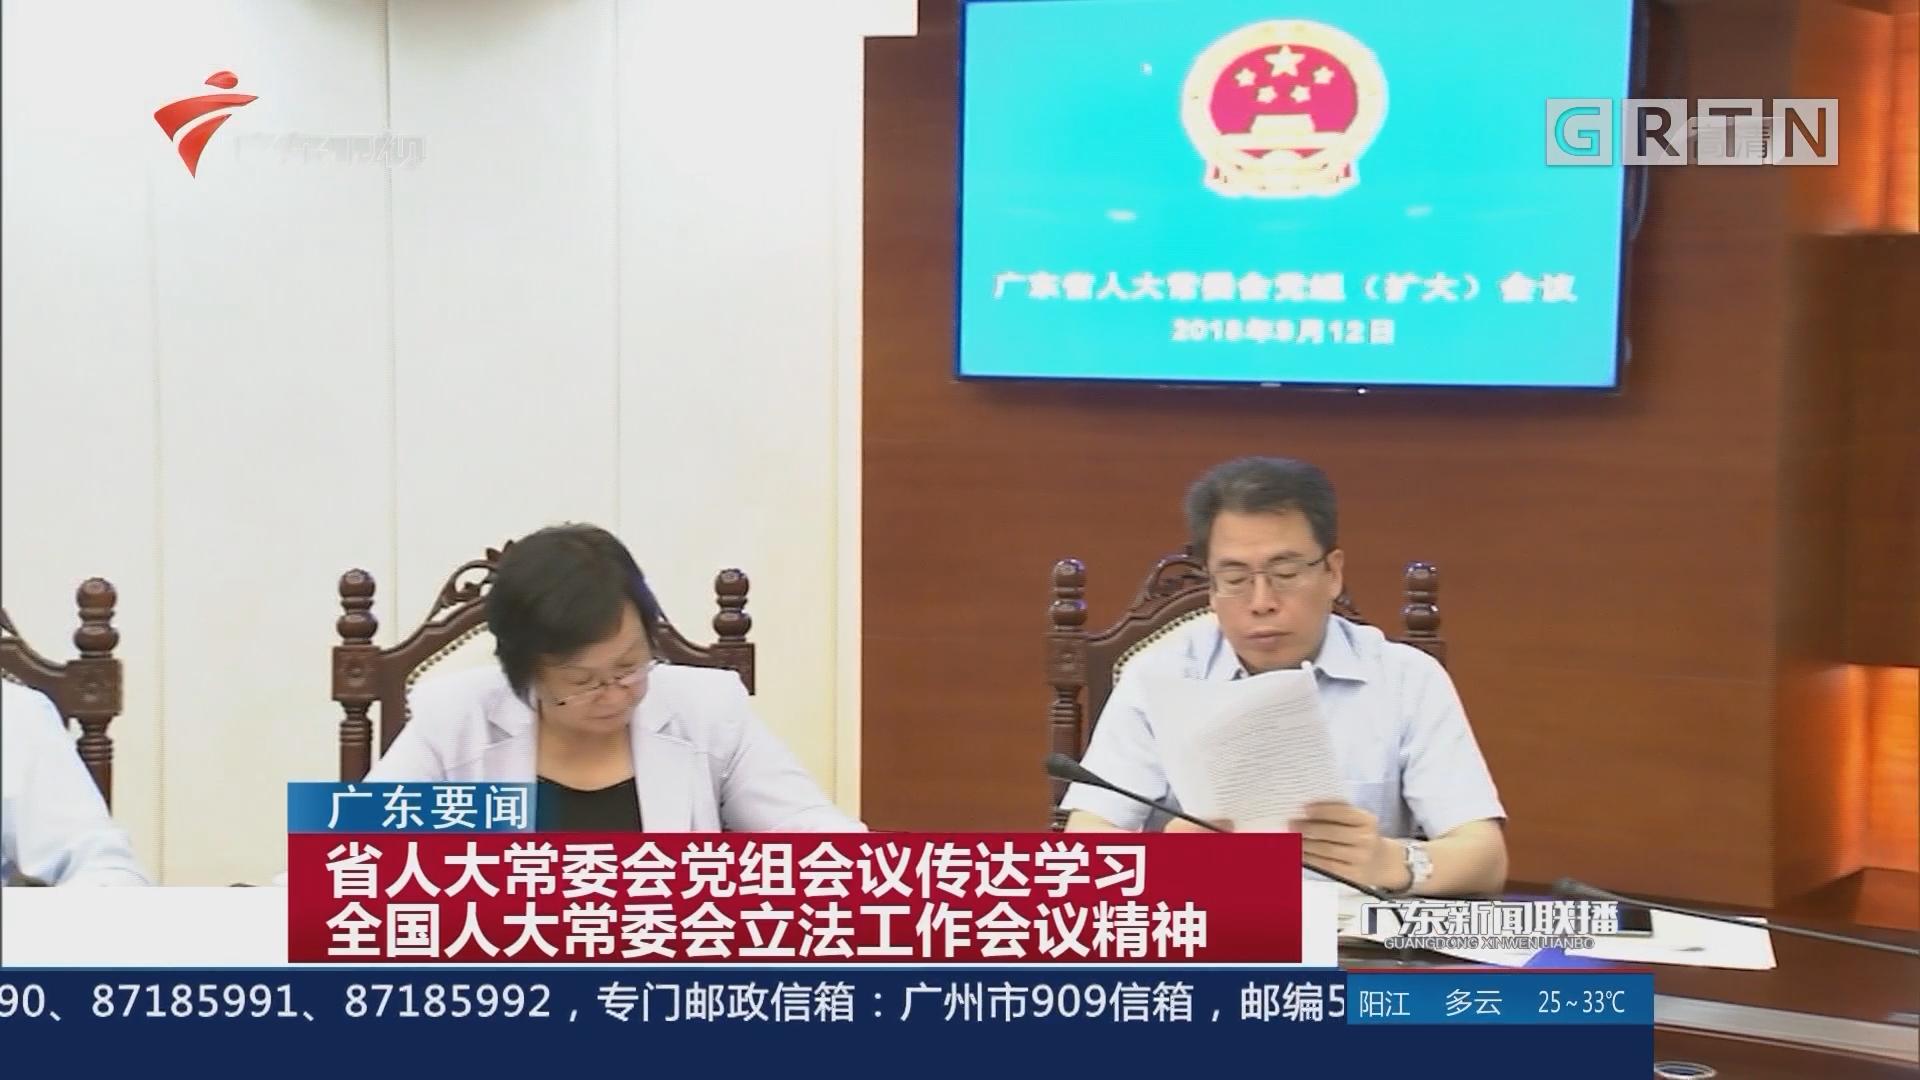 省人大常委会党组会议传达学习全国人大常委会立法工作会议精神